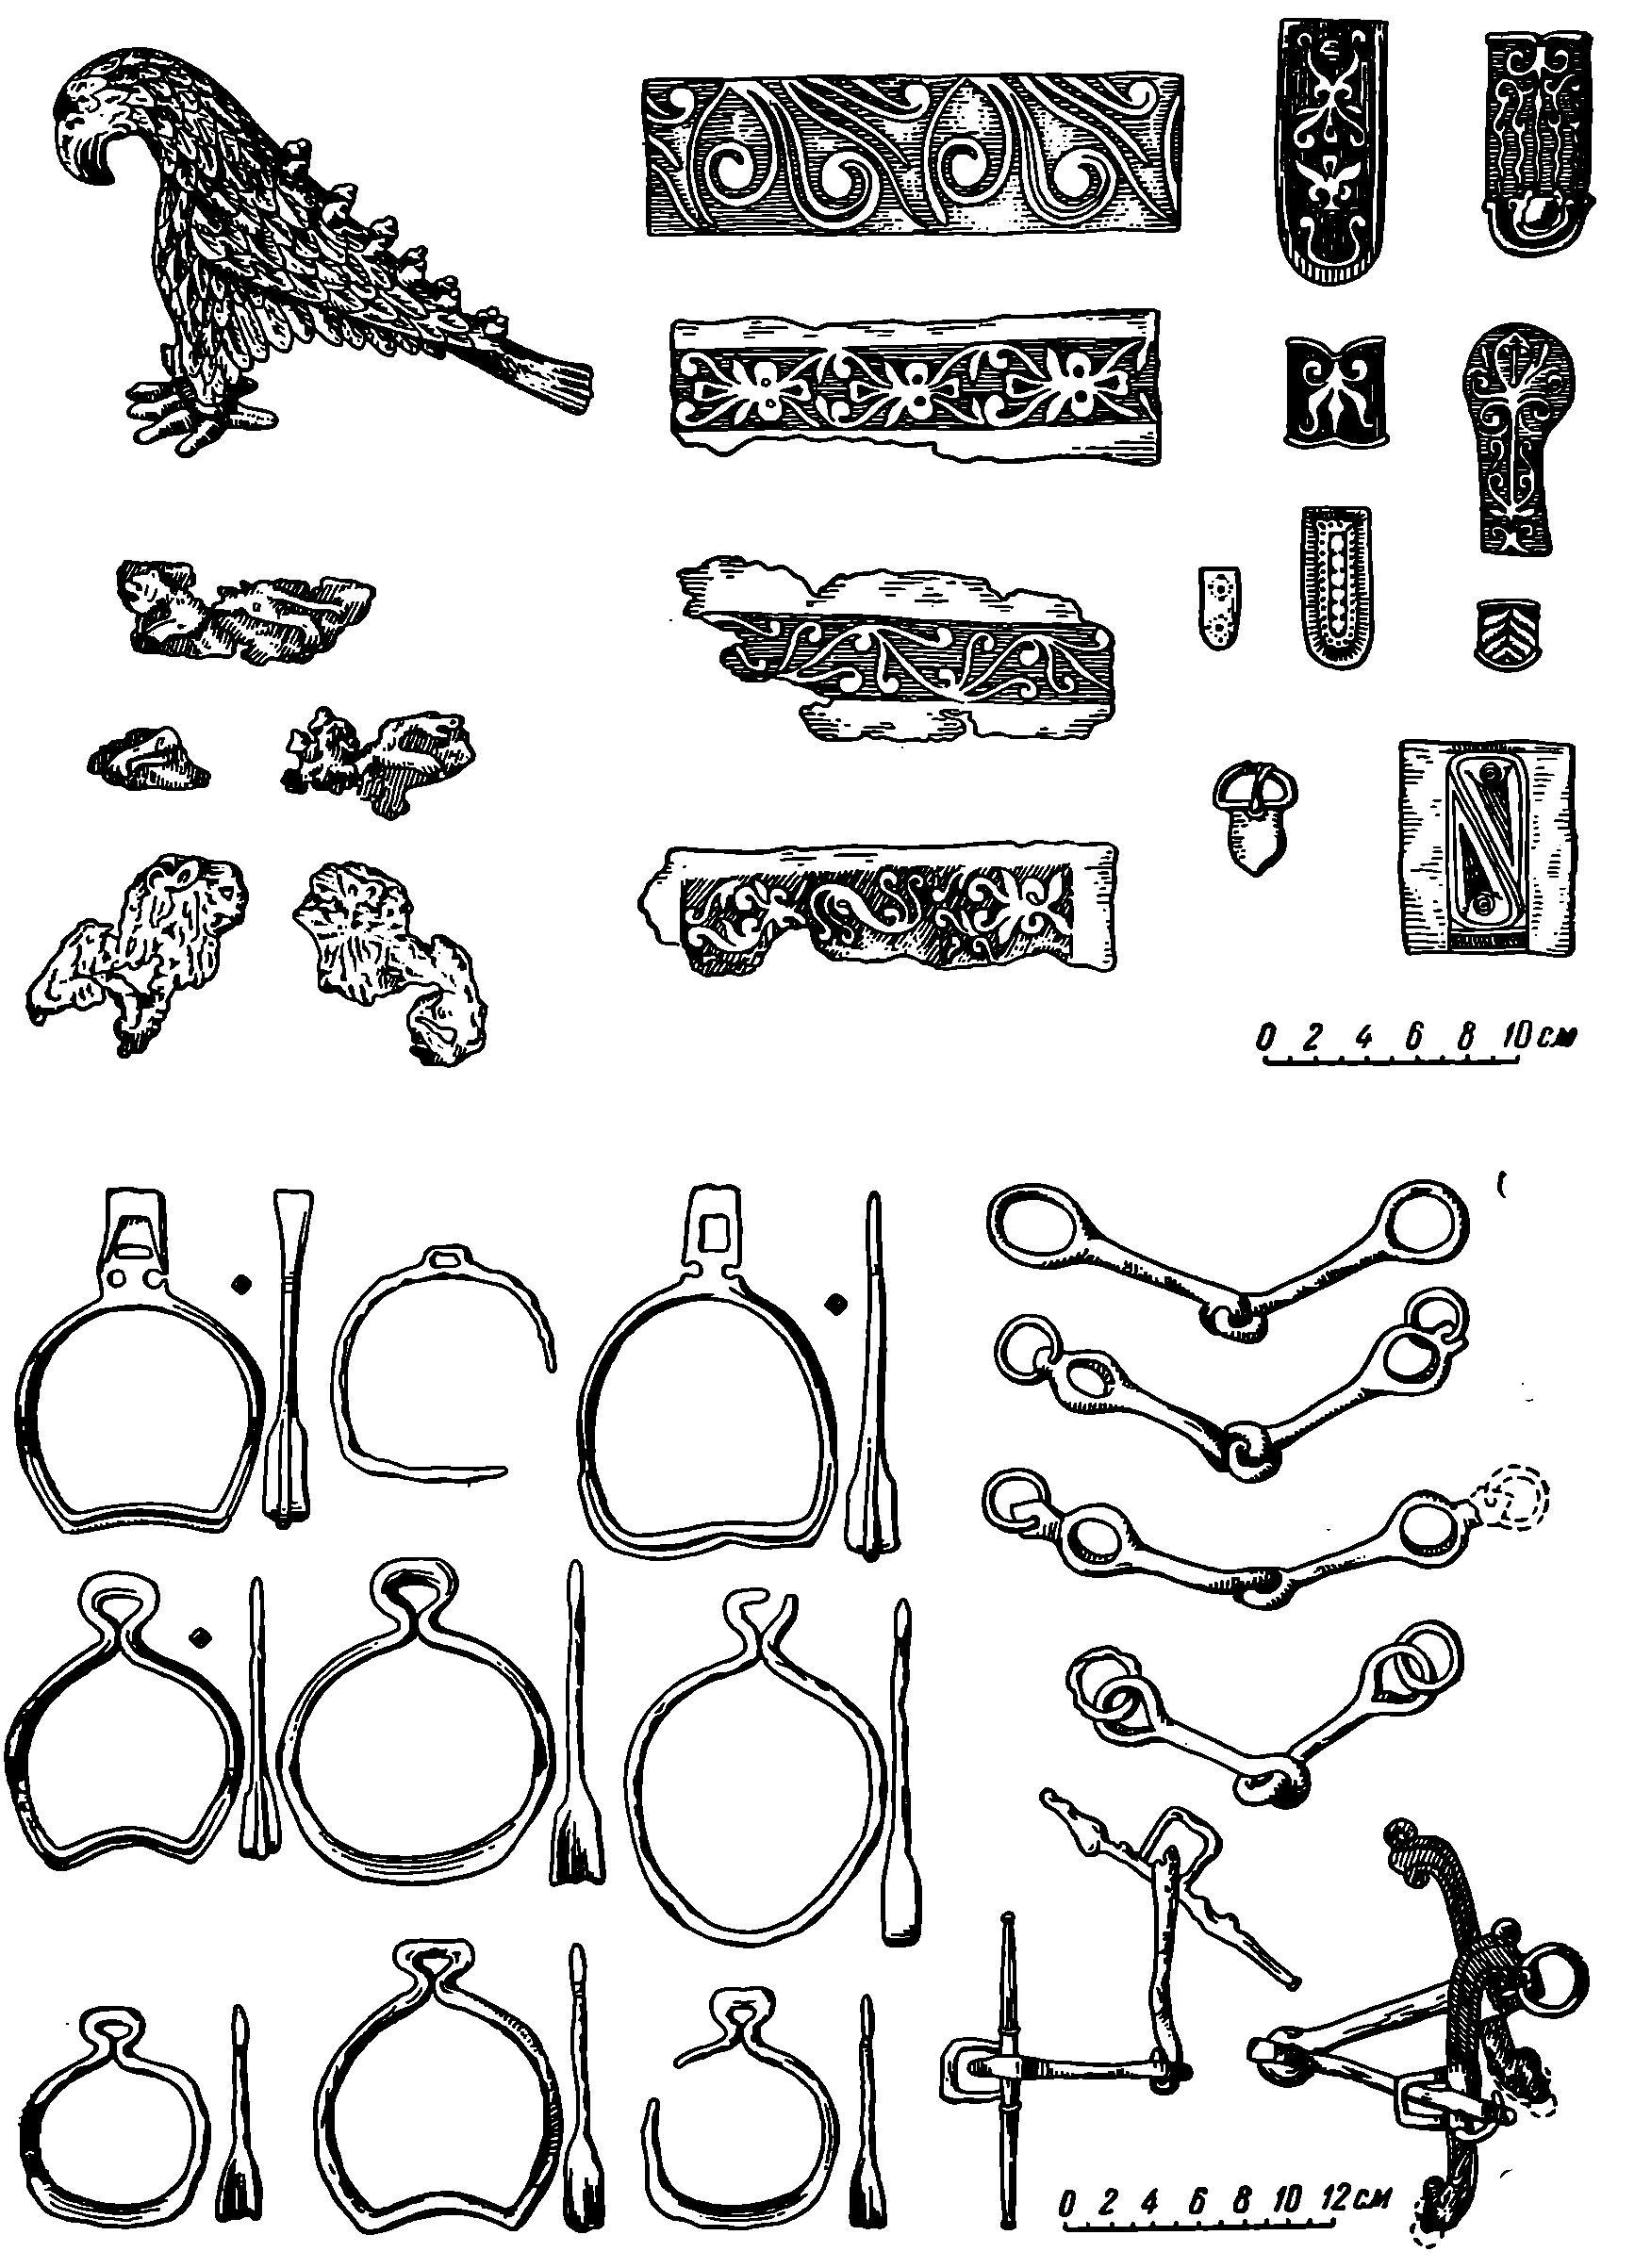 Рис. 3. Вещи из находок у с. Воскресенского близ Днепровских порогов (VIII в.)